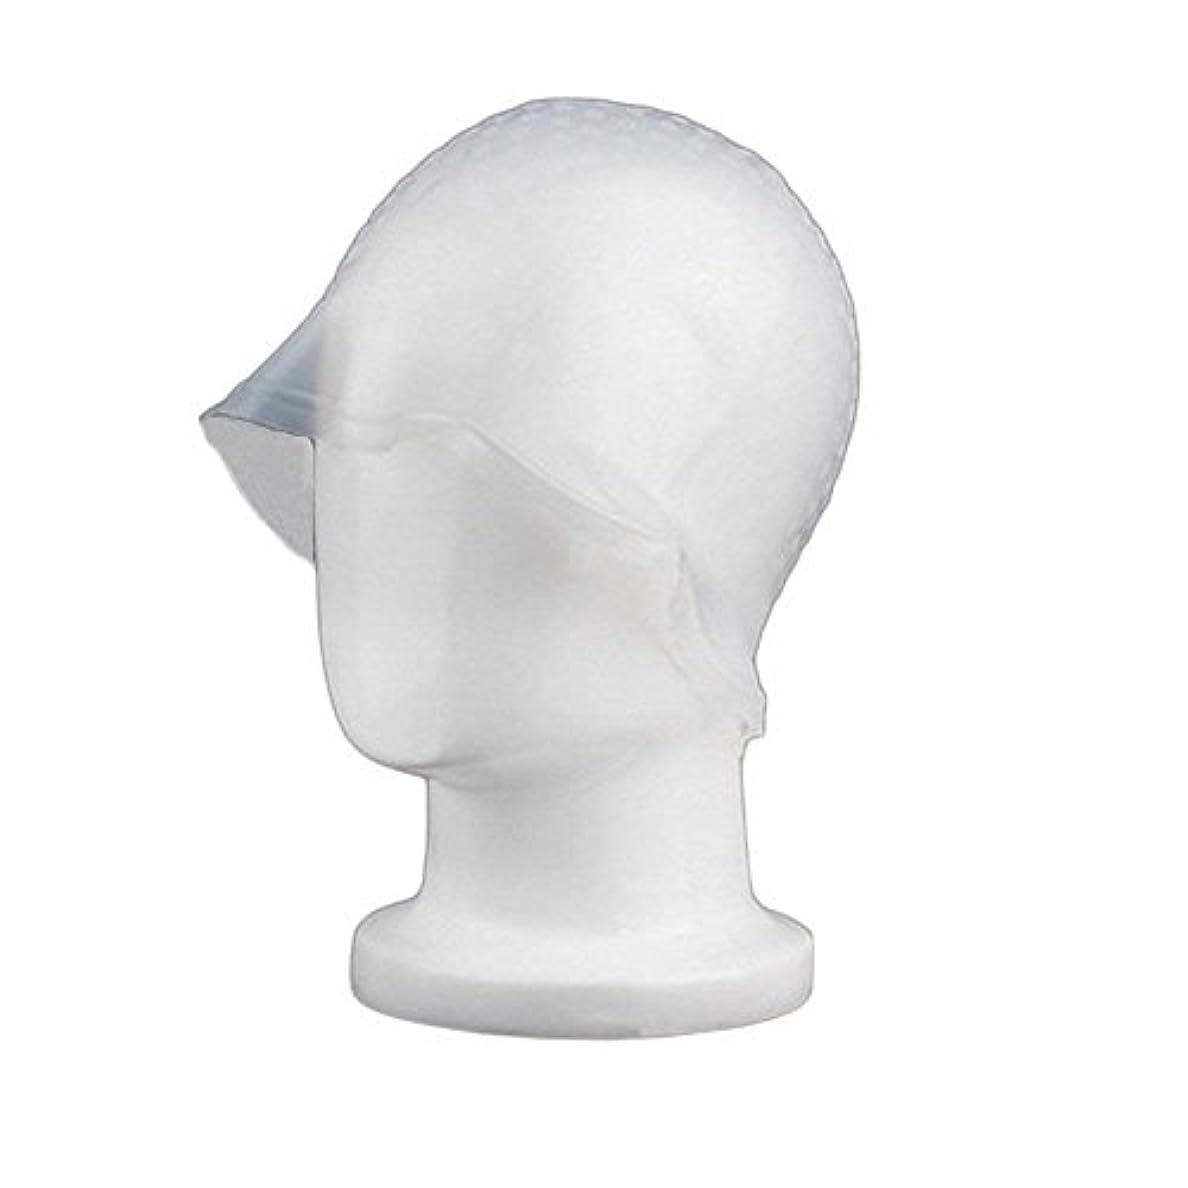 ファイバまで過剰Sincerestore 洗って使える ヘアカラー 染め用 メッシュ 用 シリコン ヘア キャップキャップ (ホワイト)